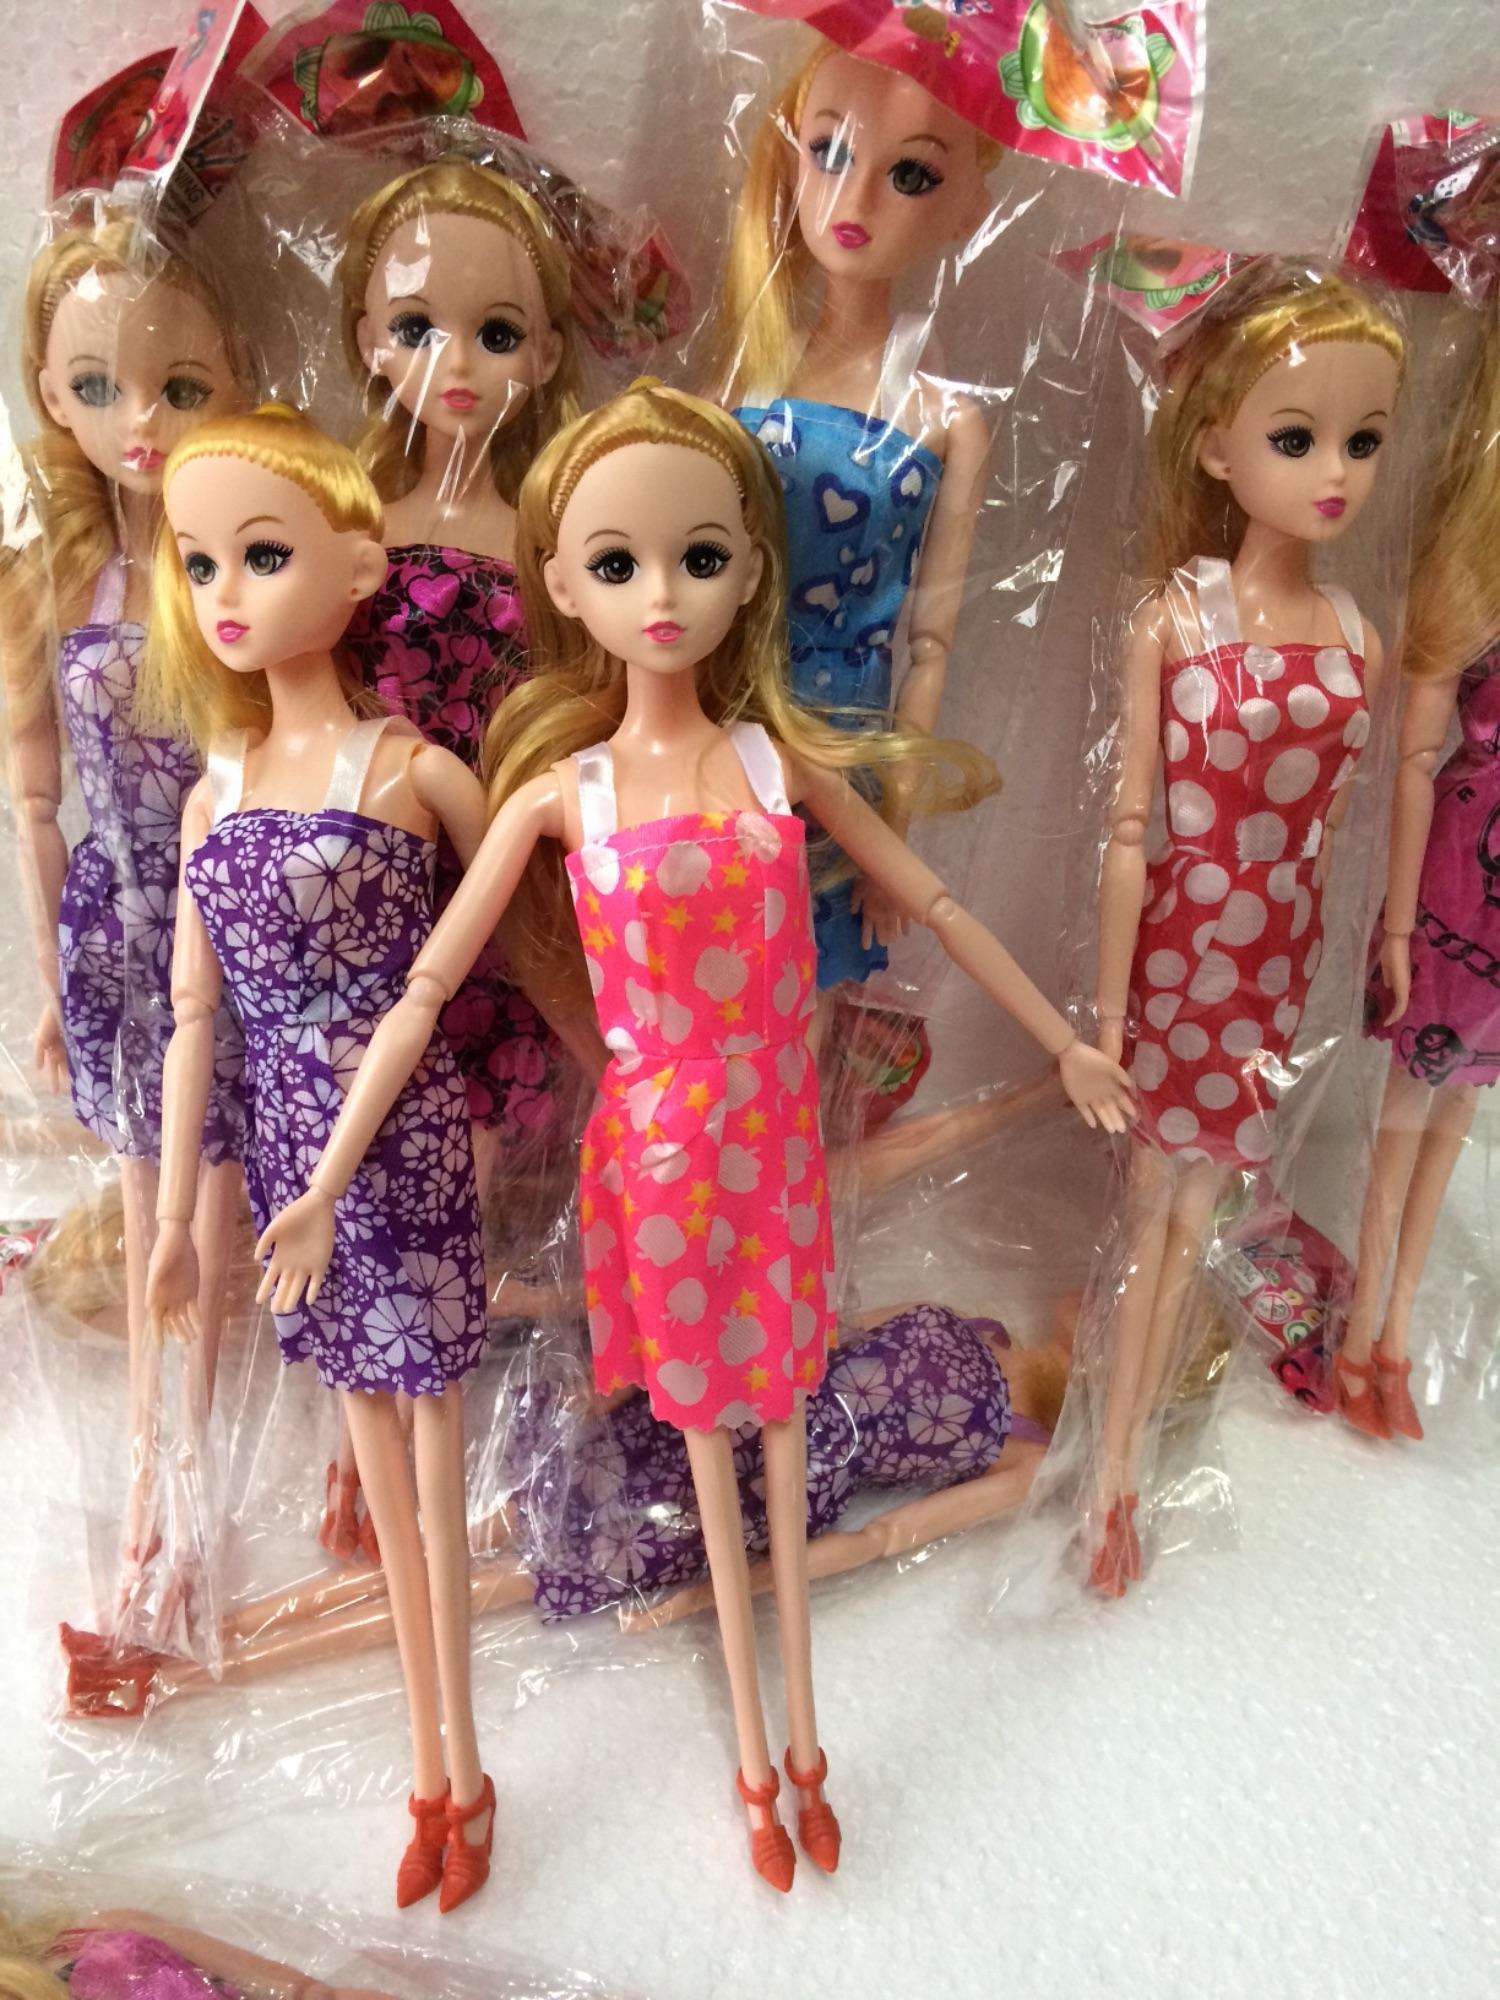 Búp Bê Baby Khớp Mặt Xinh, đủ Mẫu Váy, Model:801-1/5,30x15cm, Chất Liệu Nhựa Nguyên Sinh ABS An Toàn Tuyệt đối Không Thể Rẻ Hơn tại Lazada